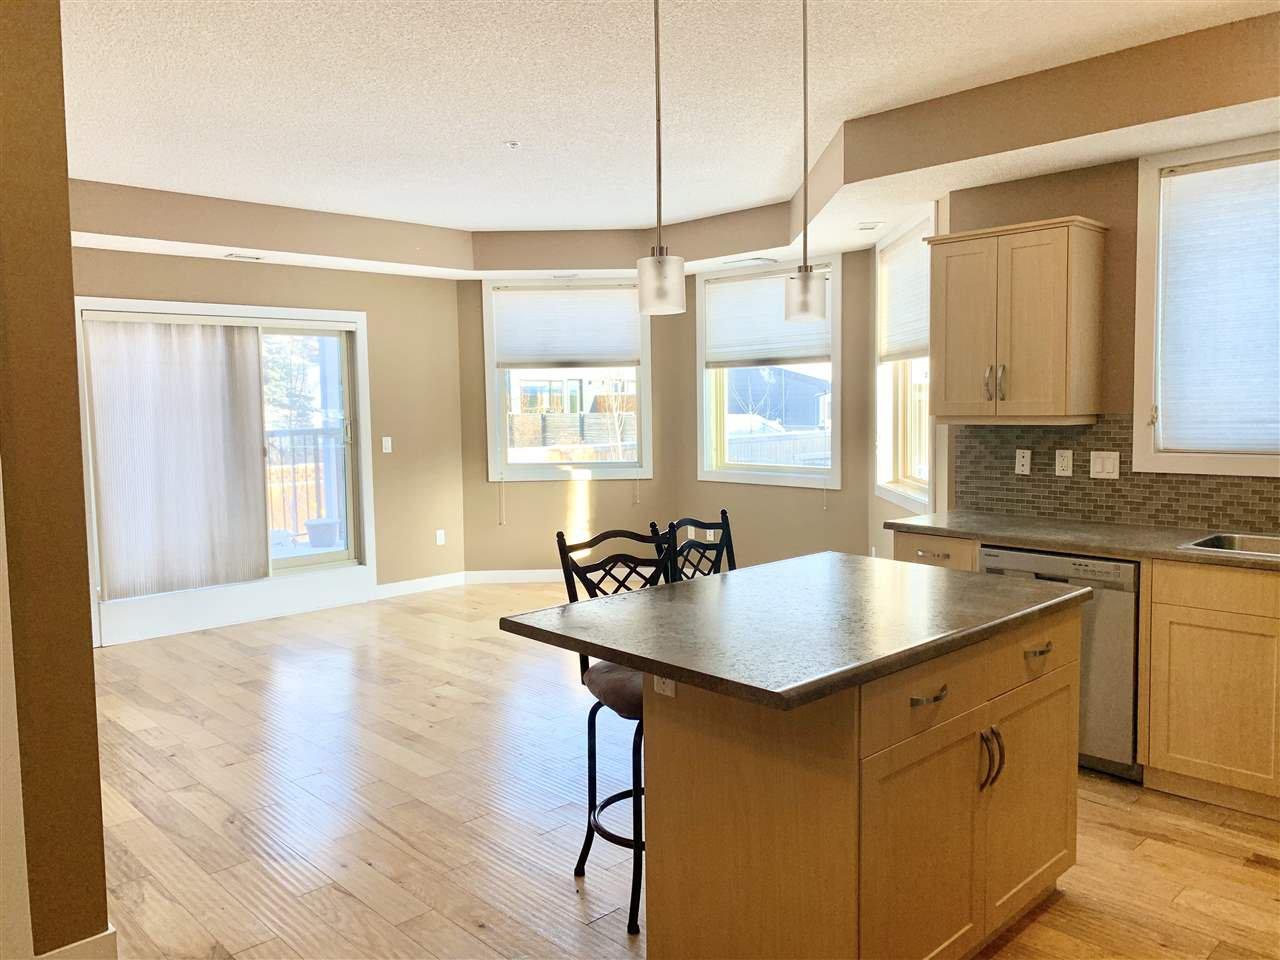 Main Photo: 115 8730 82 Avenue NW in Edmonton: Zone 18 Condo for sale : MLS®# E4184208